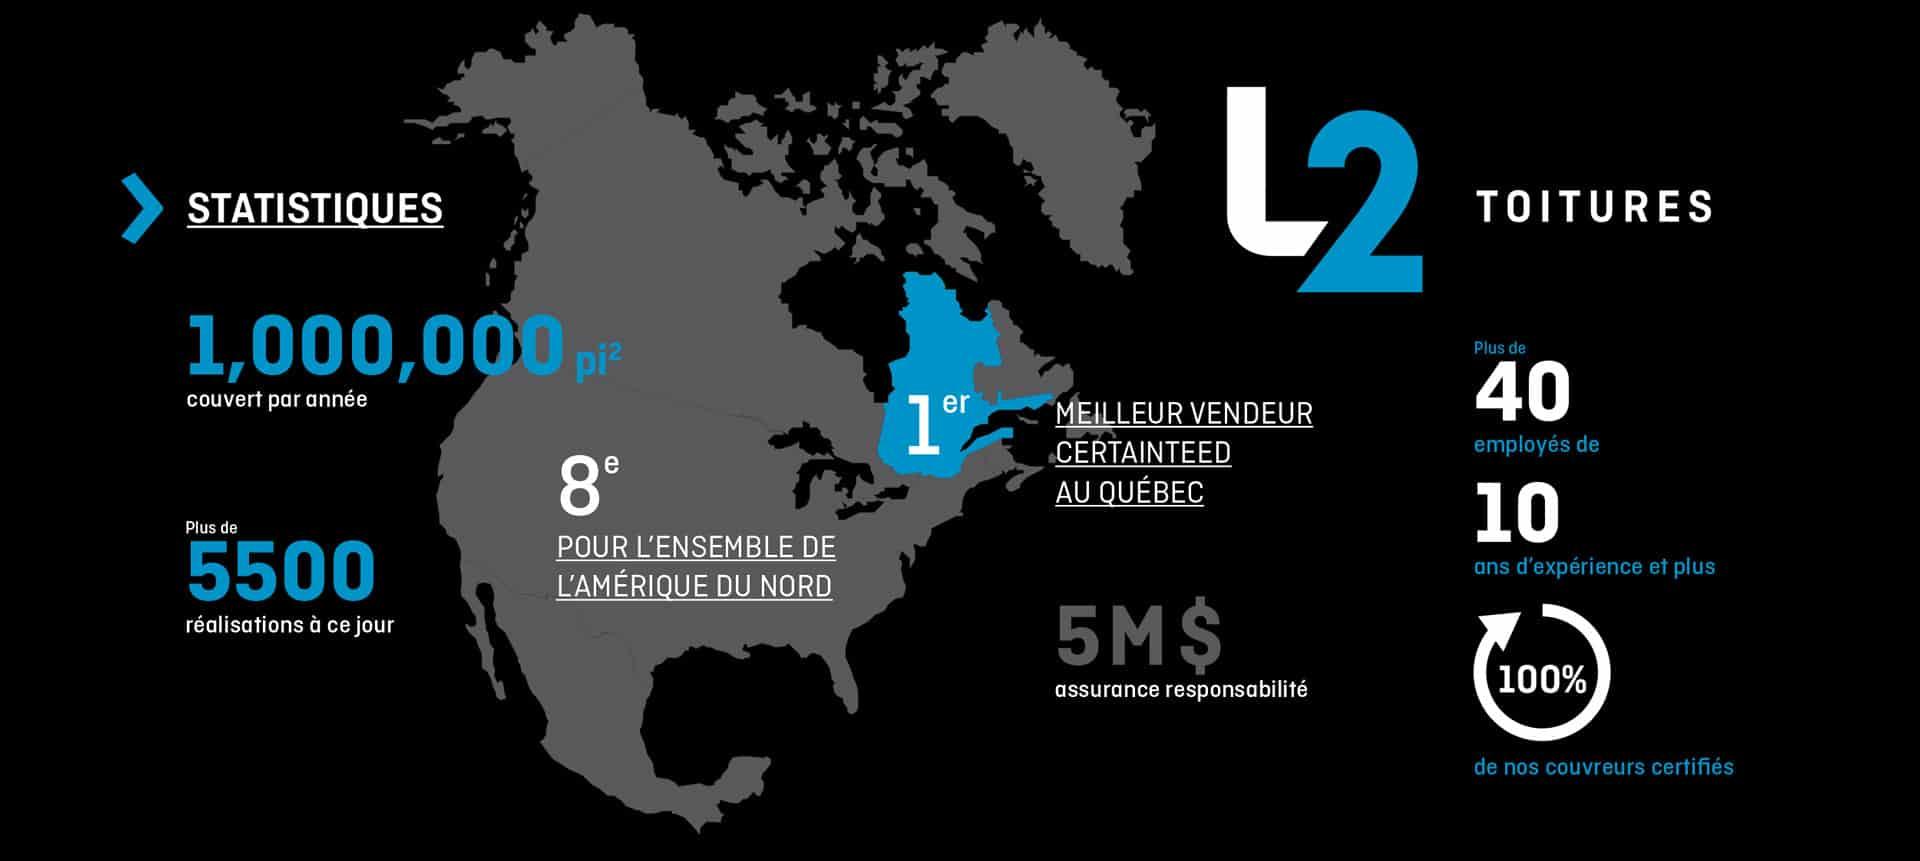 Statistiques au sujet de L2toitures à Québec